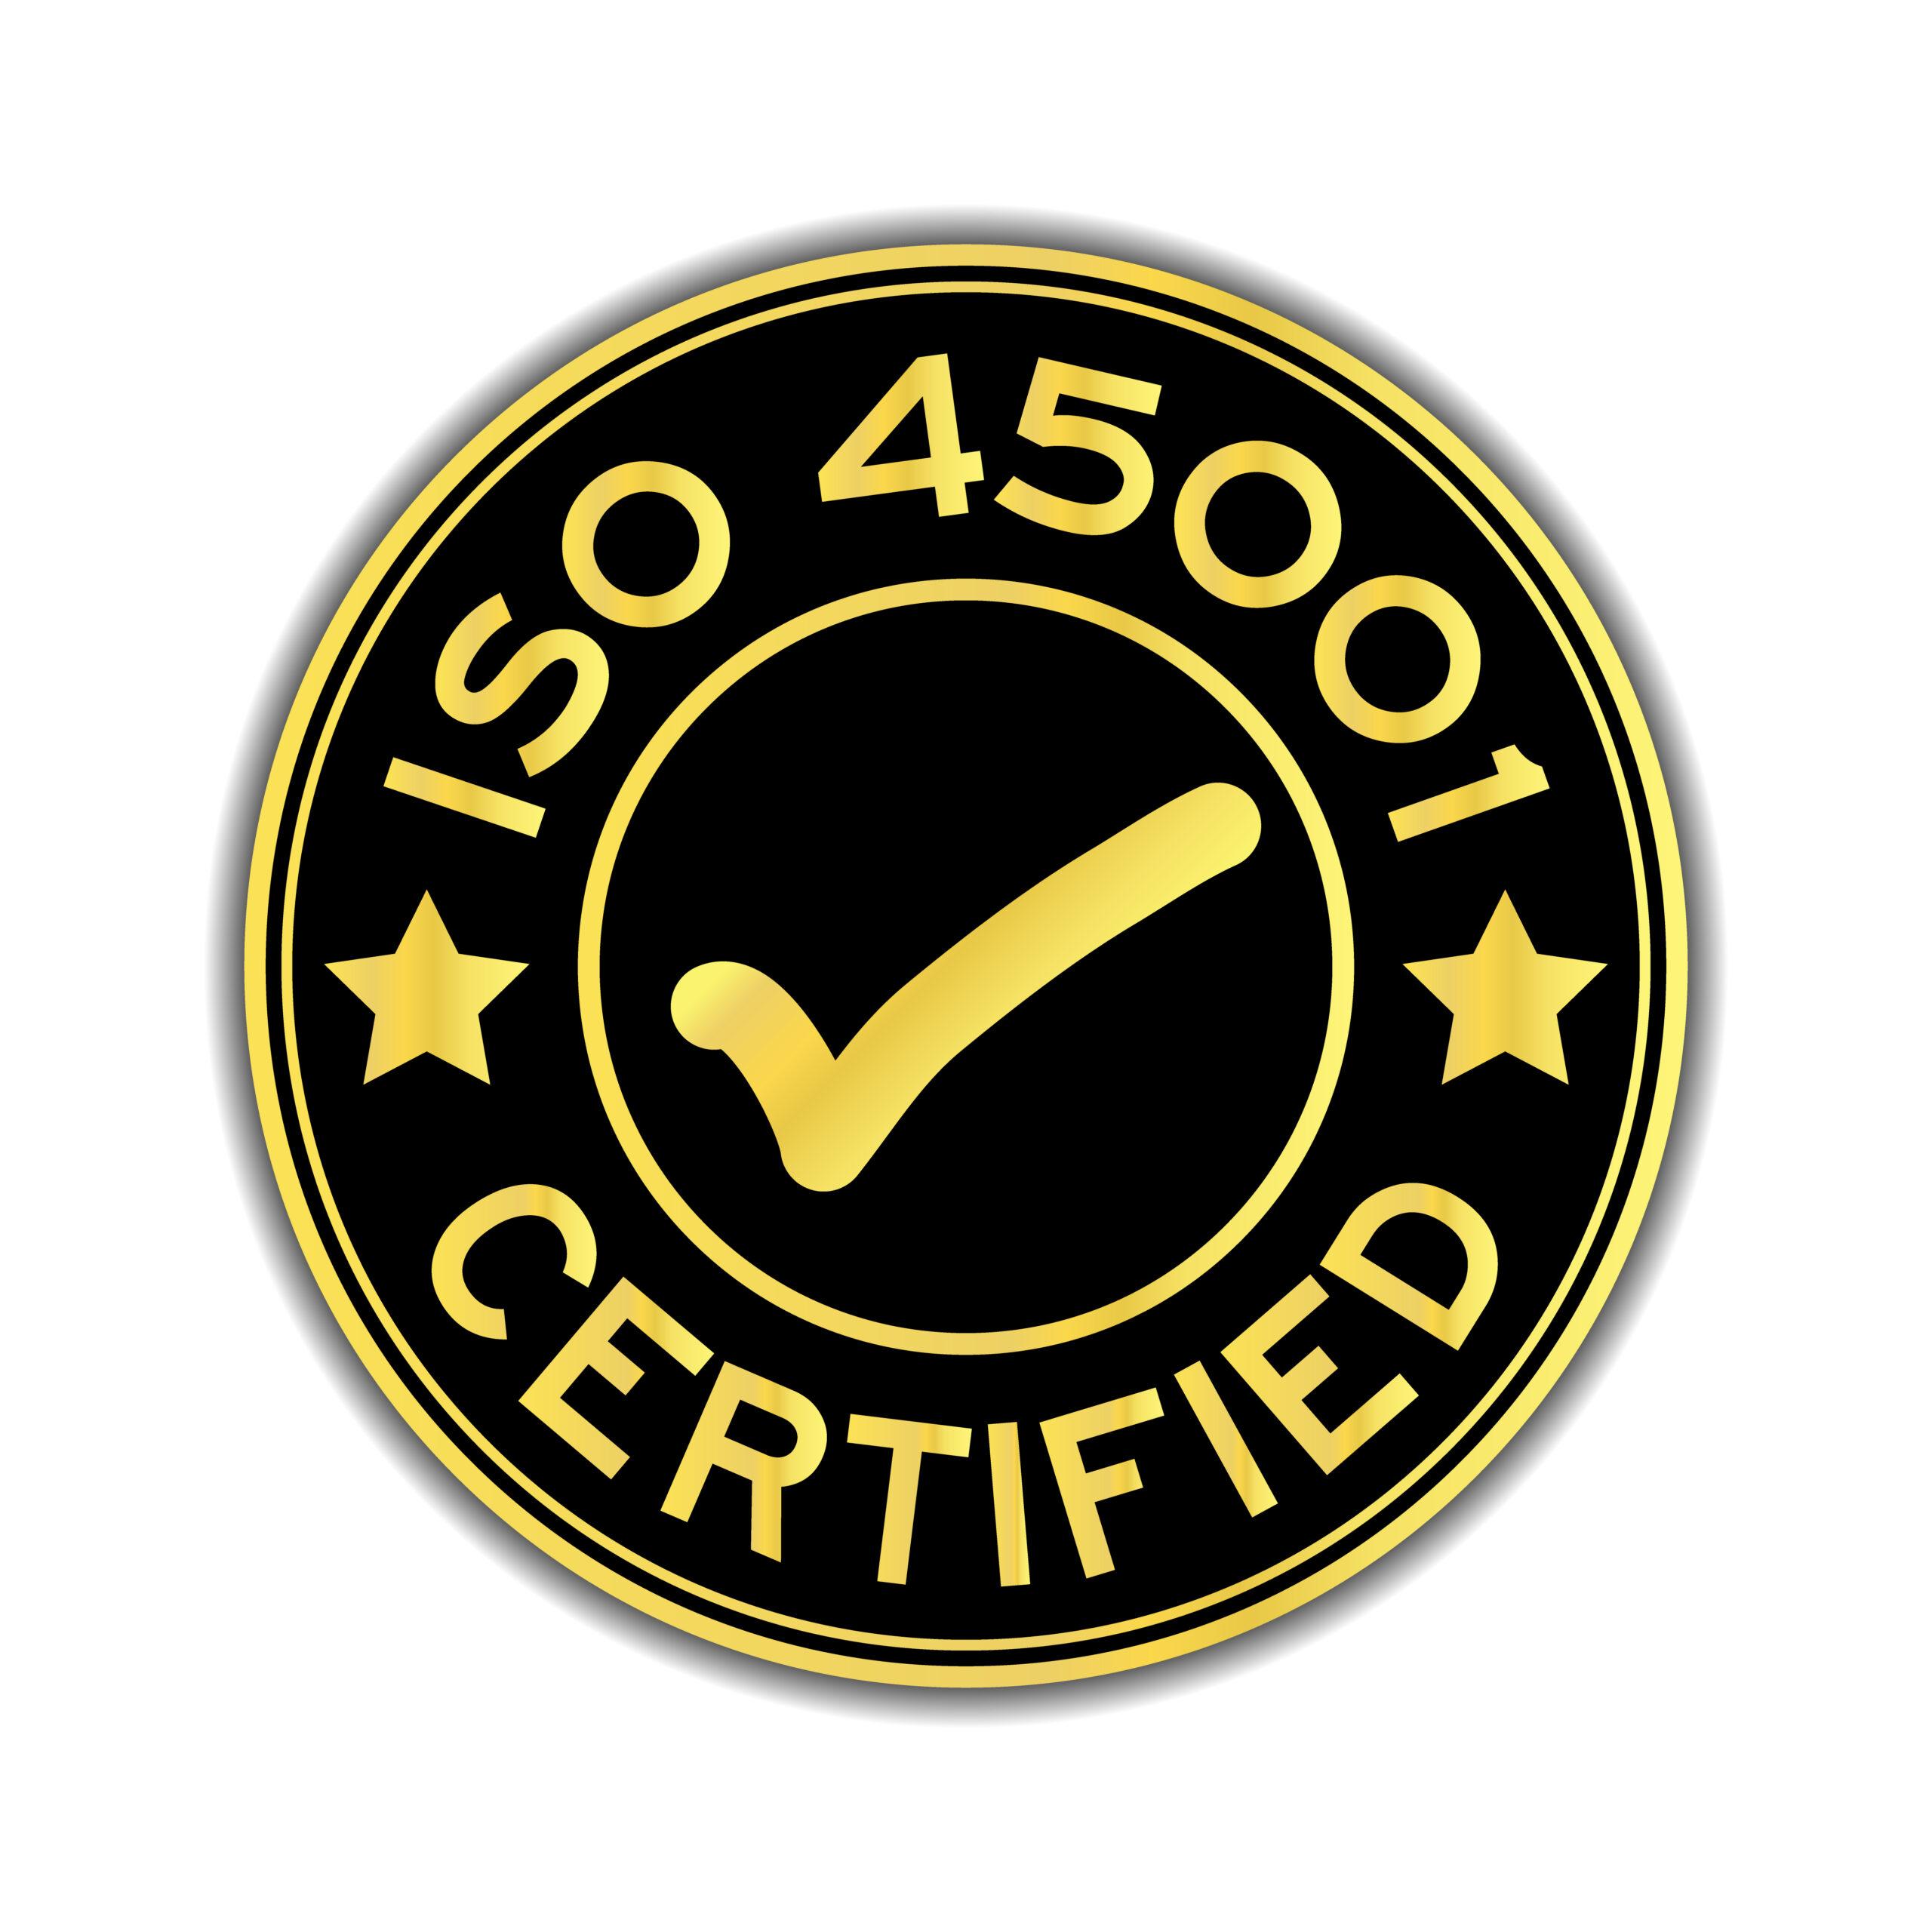 1SO 45001 Logo